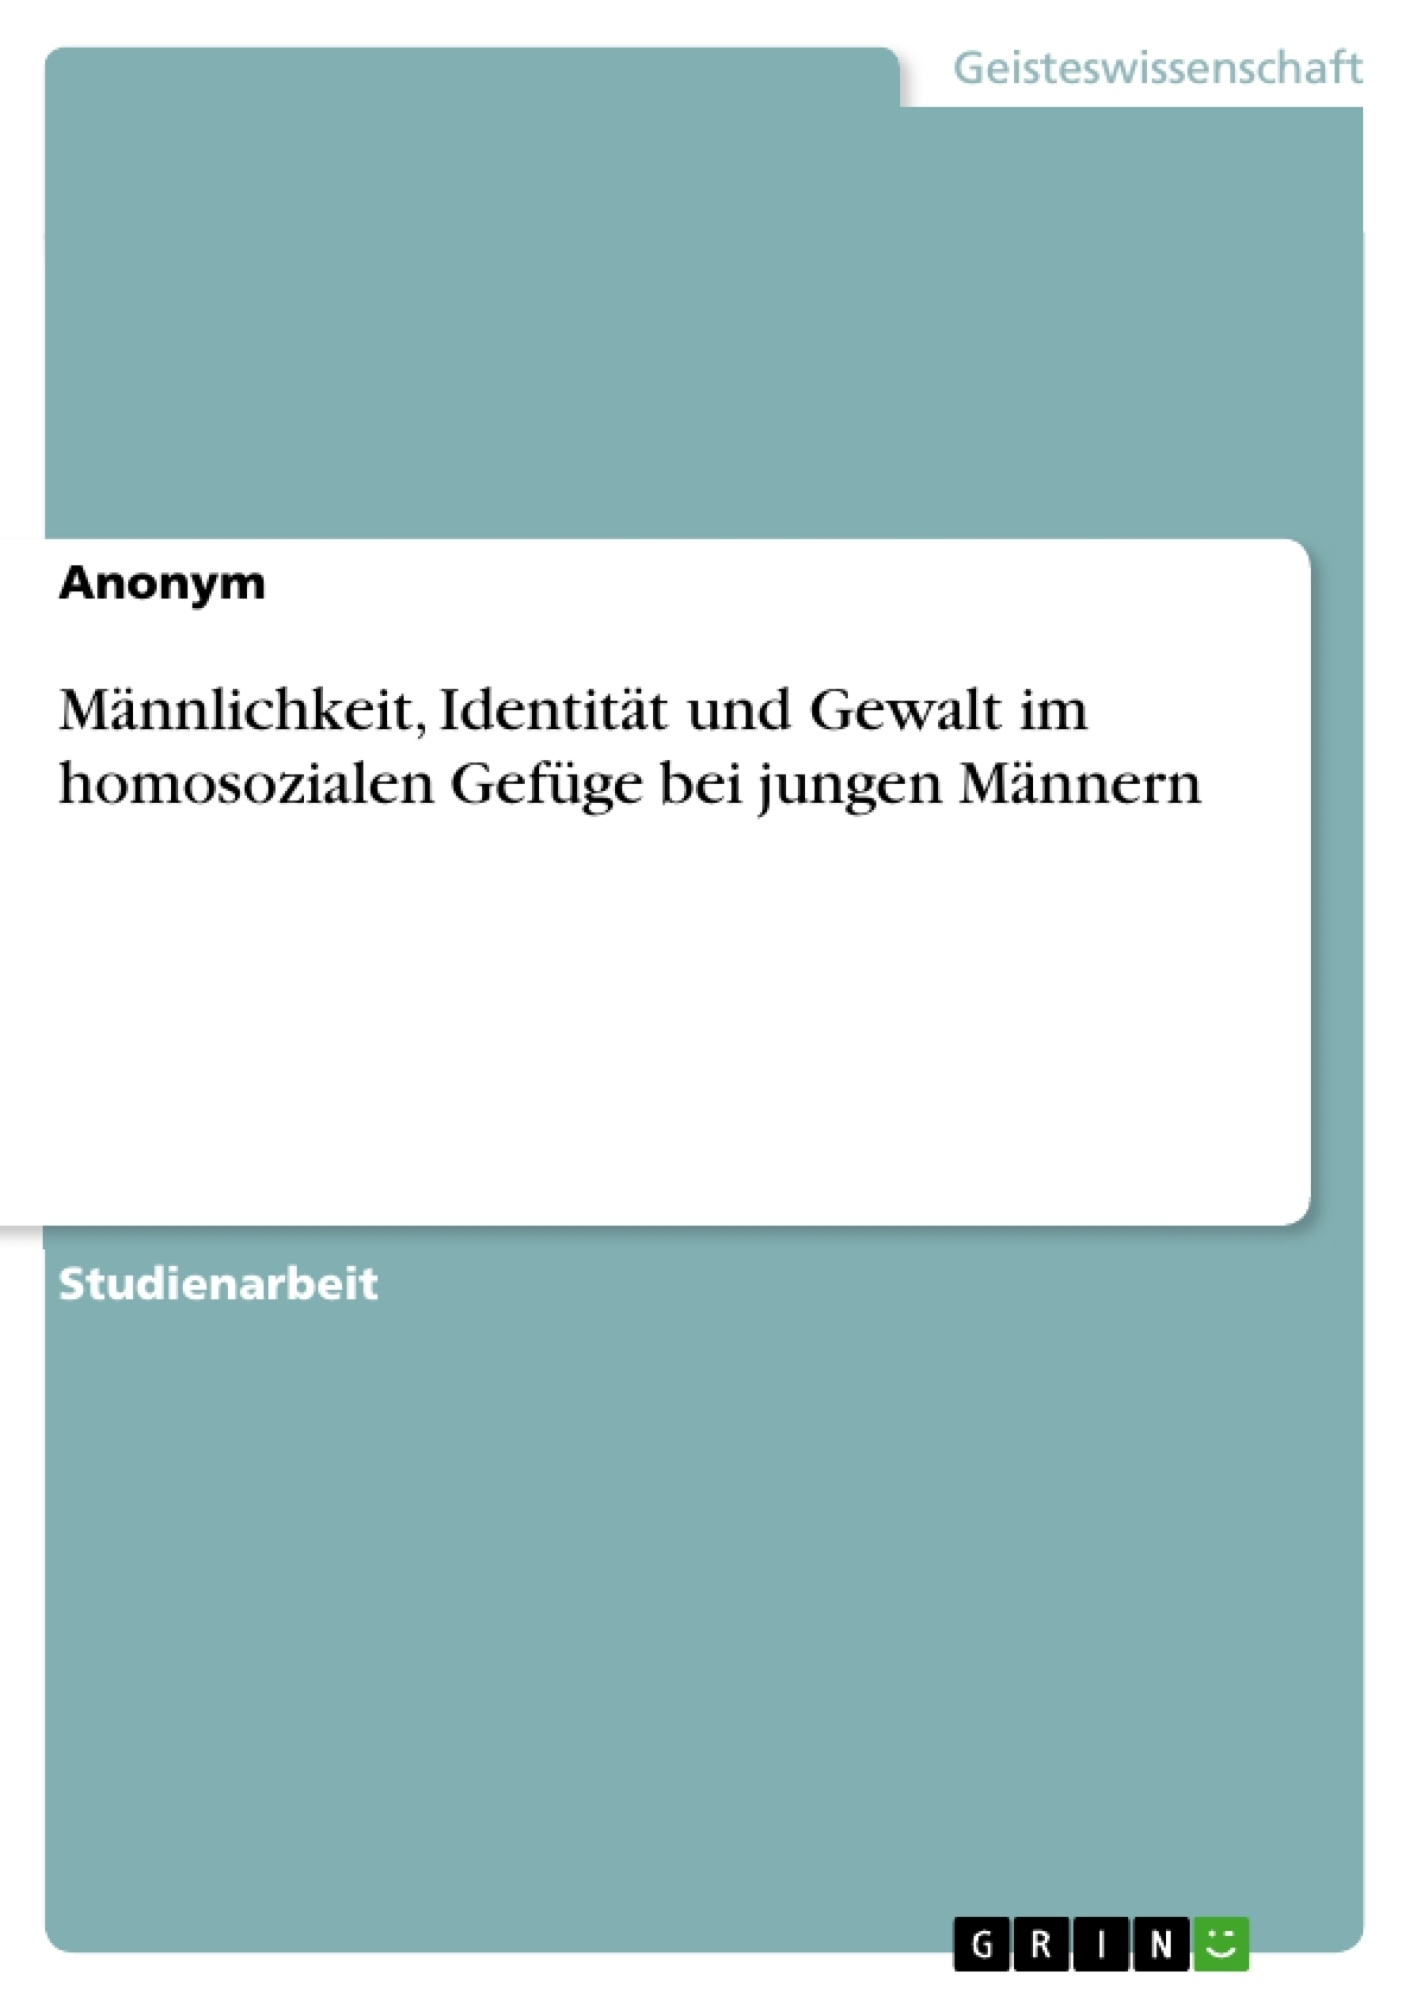 Titel: Männlichkeit, Identität und Gewalt im homosozialen Gefüge bei jungen Männern